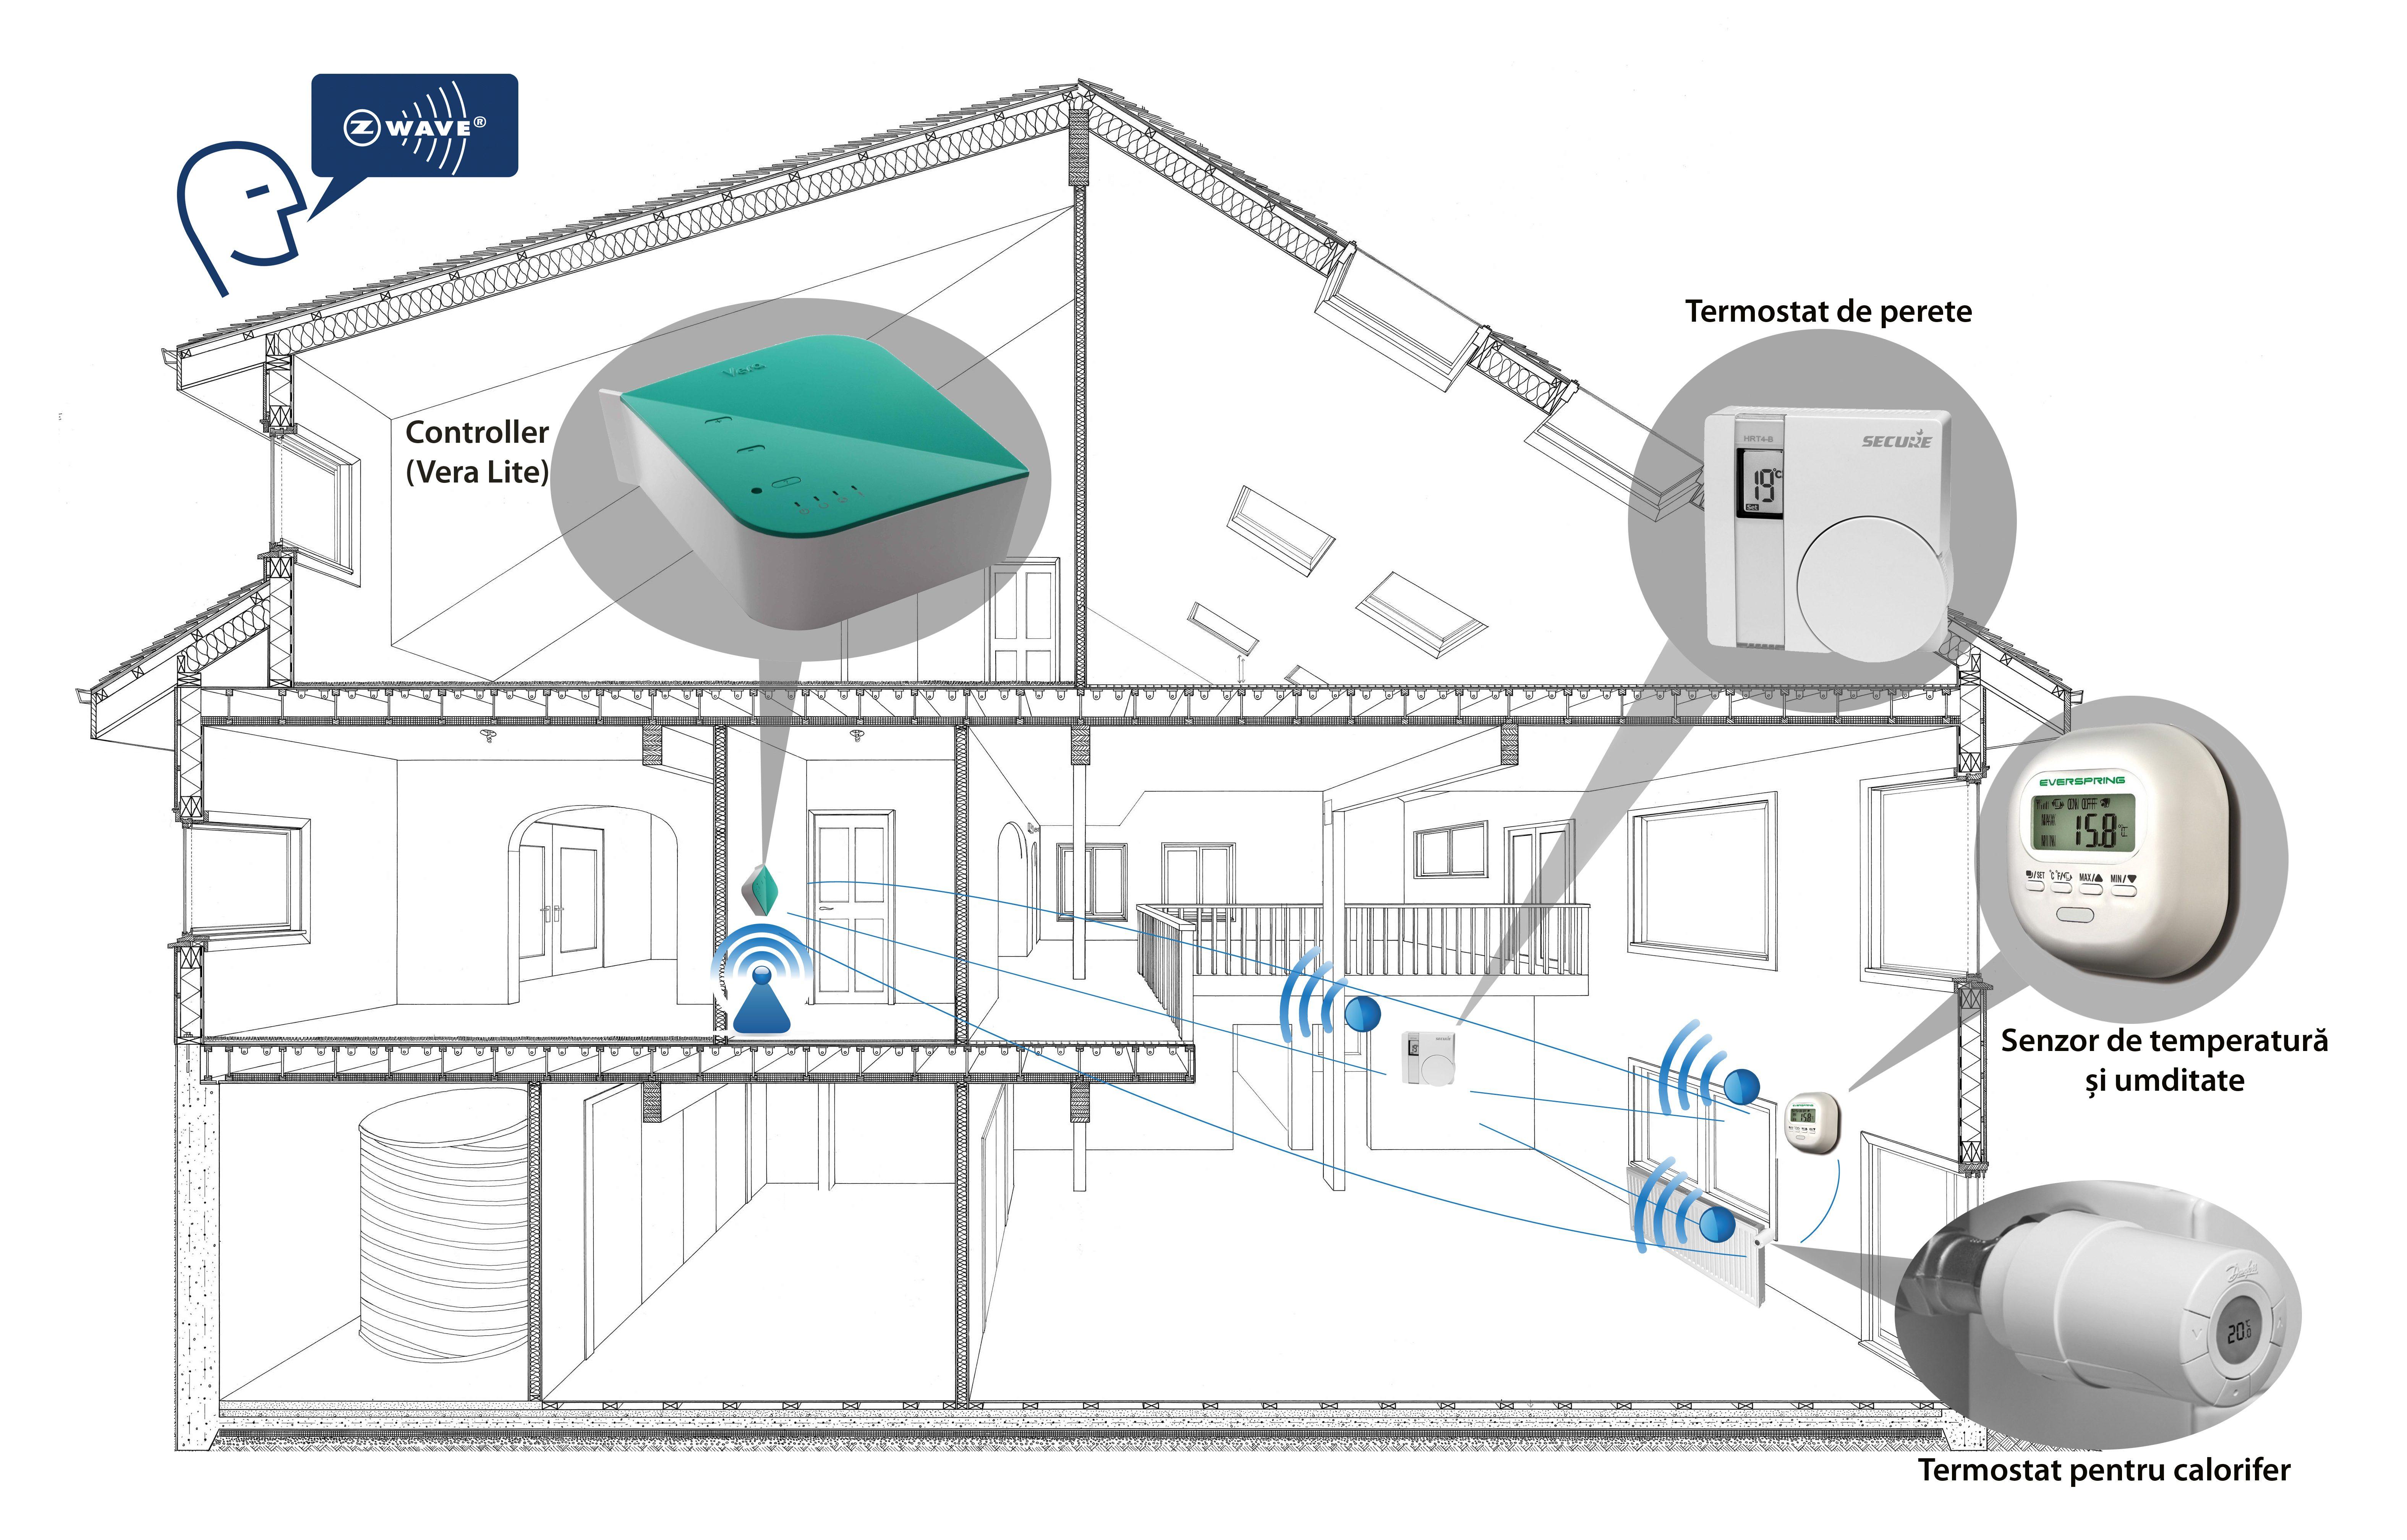 Controlul umiditatii protejeaza casa de poluatorii interni